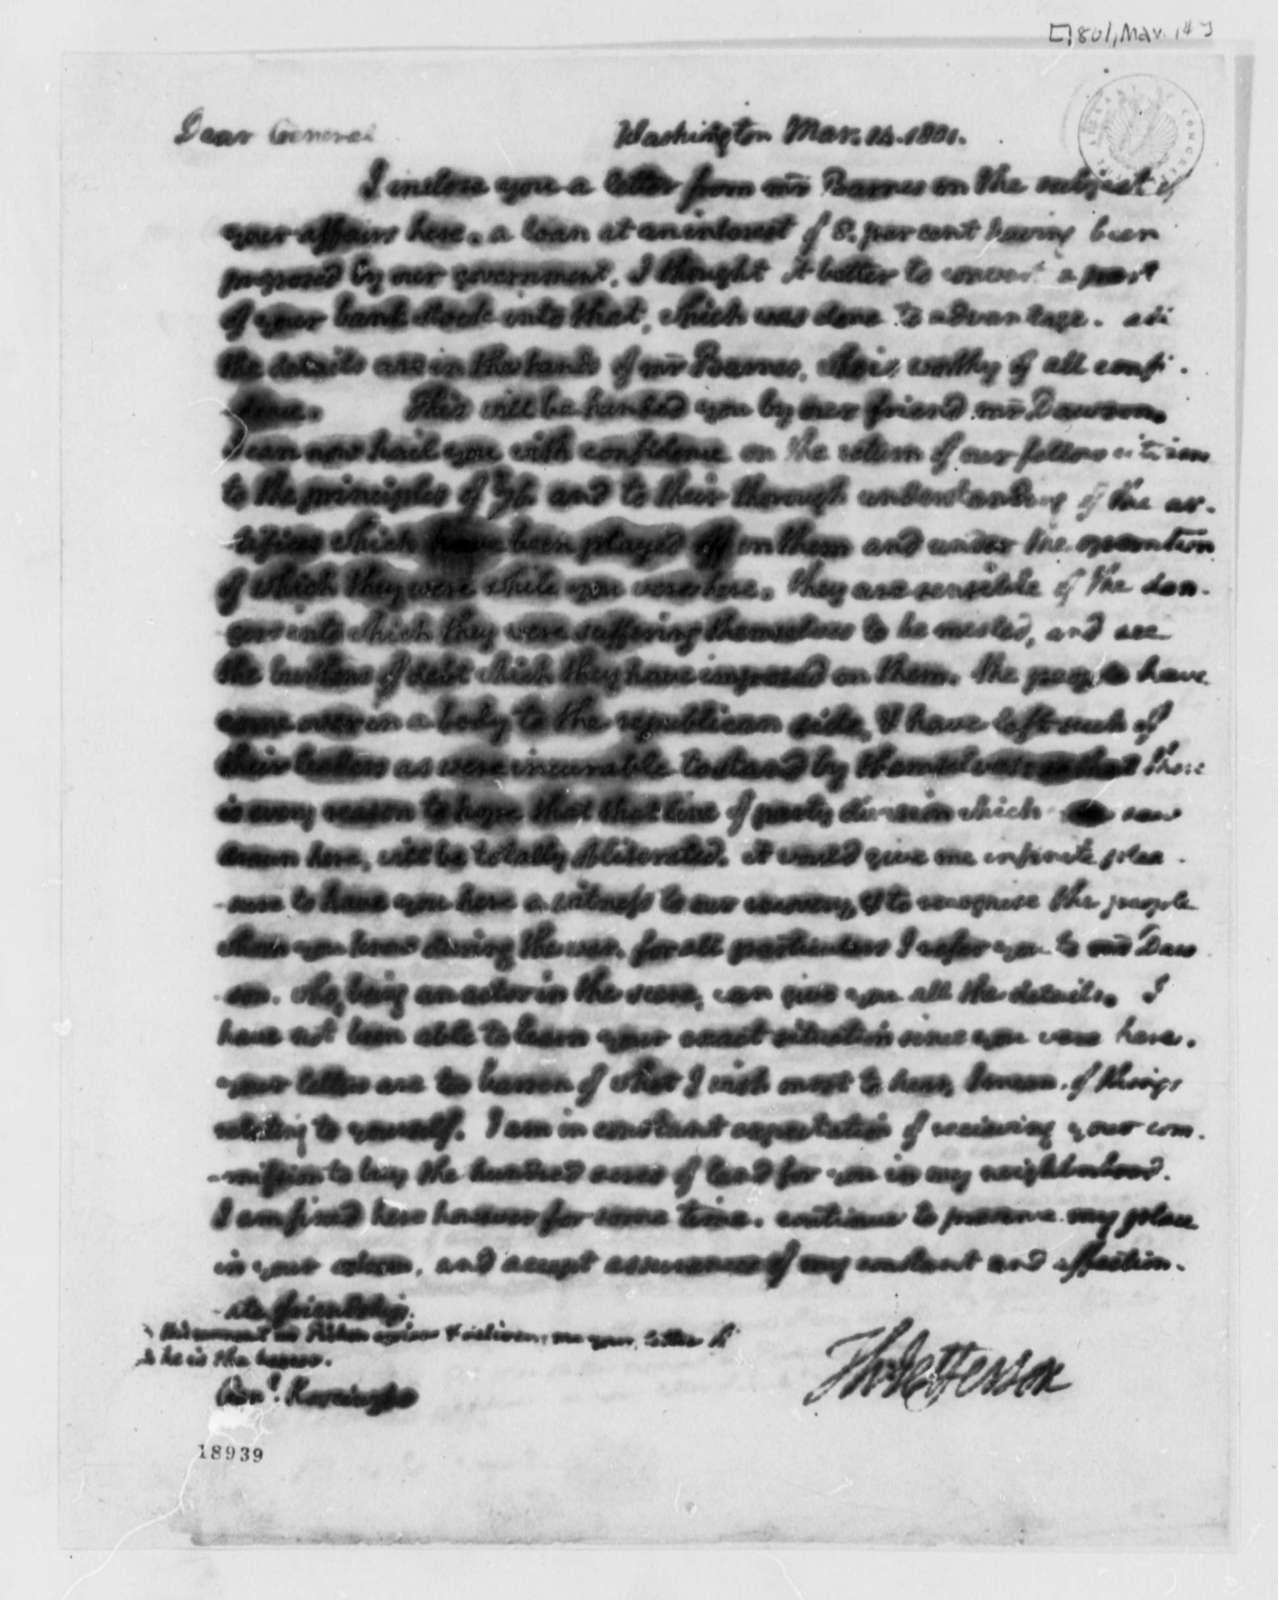 Thomas Jefferson to Thaddeus Kosciuszko, March 14, 1801